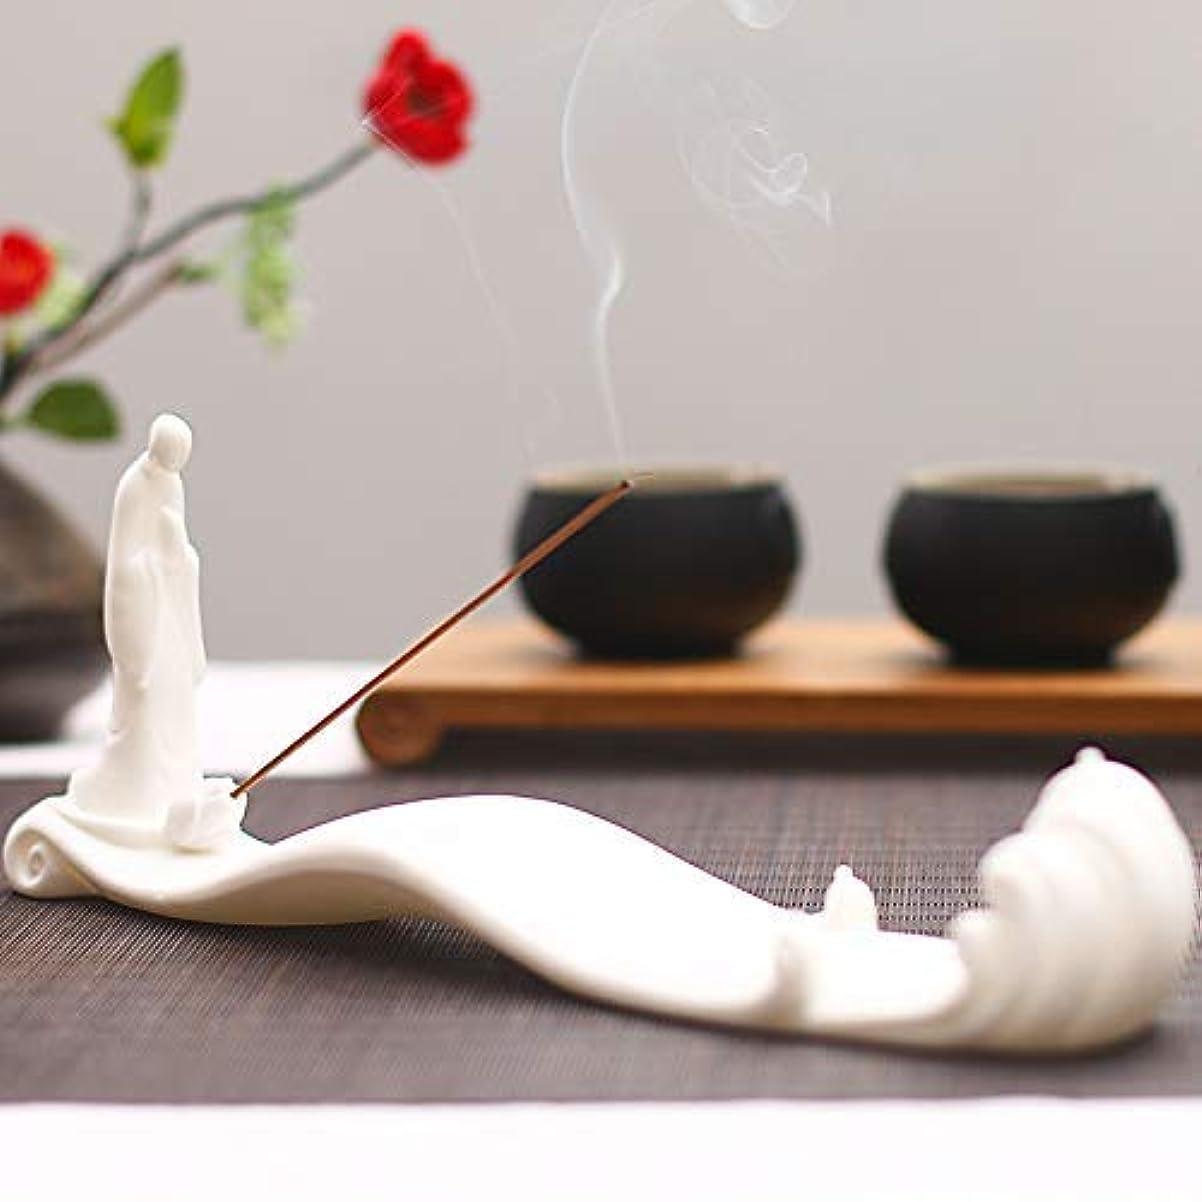 光景害アサーPHILOGOD 香炉 陶器線香香立て モンク潮を見てモデリング仏壇 お香 ホルダー